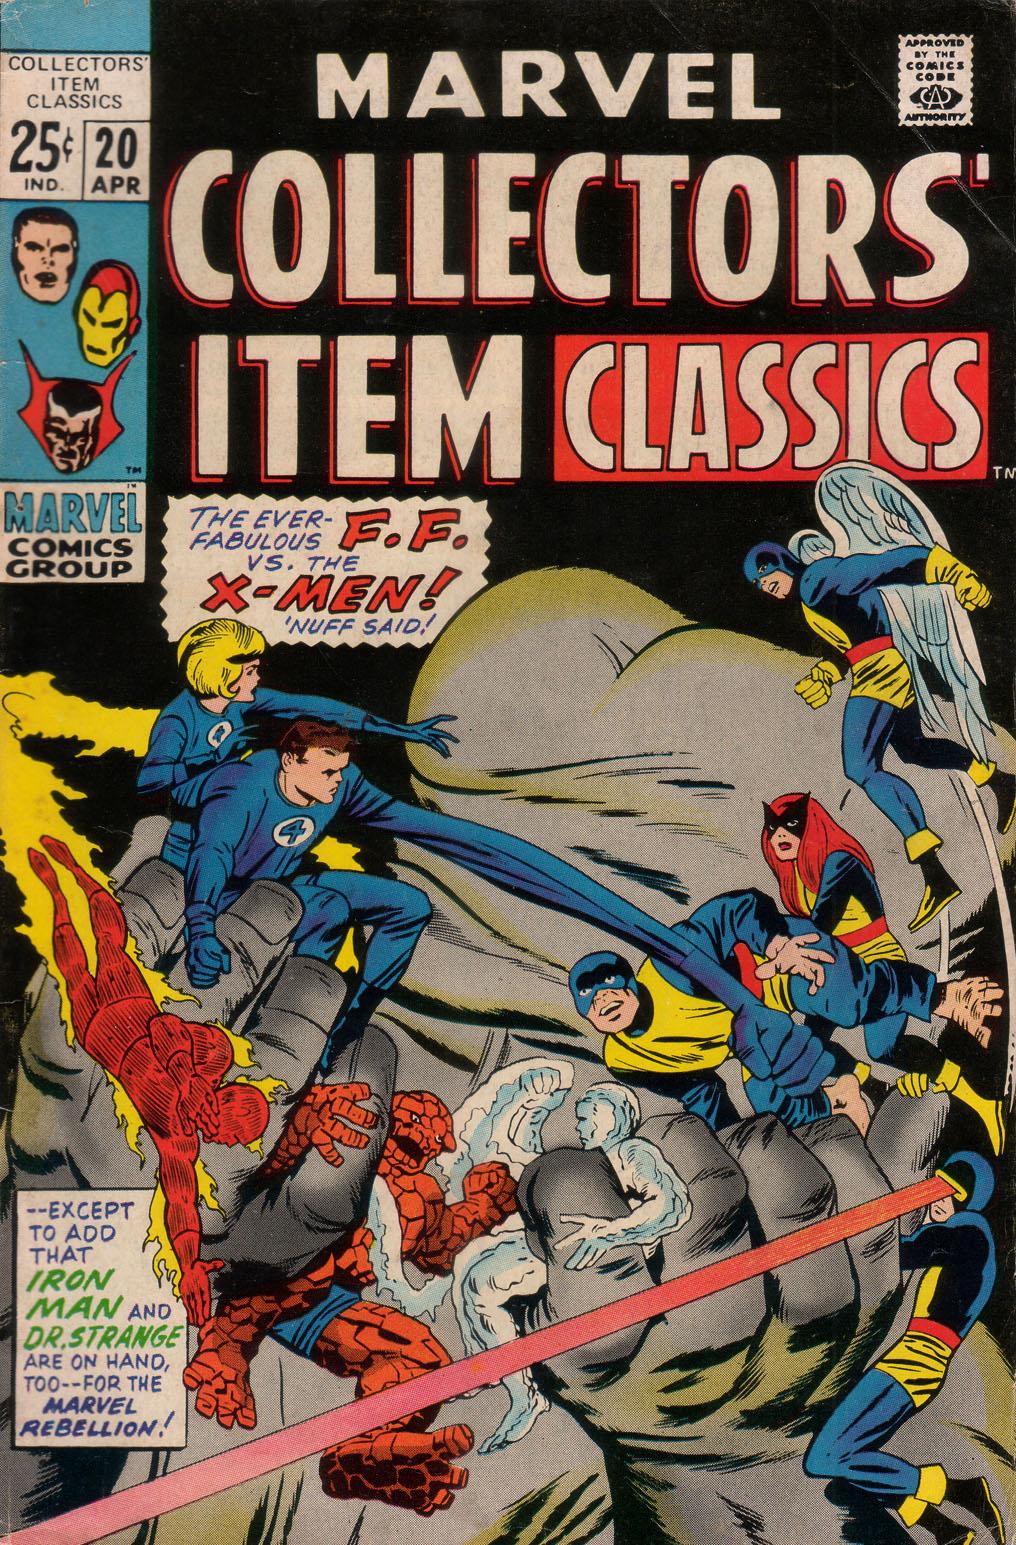 Marvel Collectors Item Classics 20 Page 1